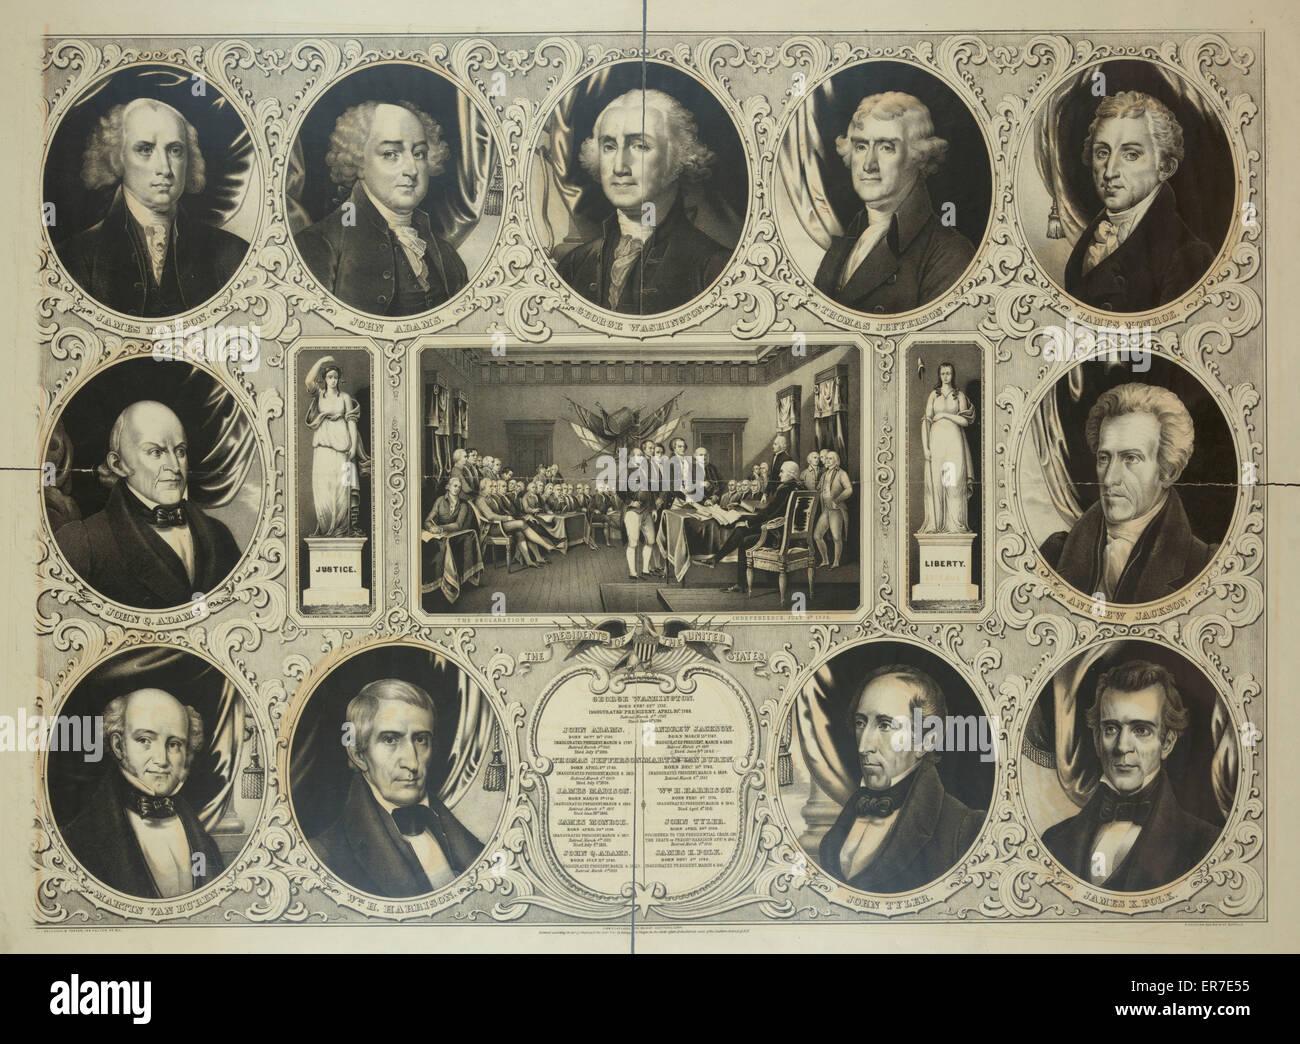 I presidenti degli Stati Uniti. Data c1846 Dic. 19. Immagini Stock